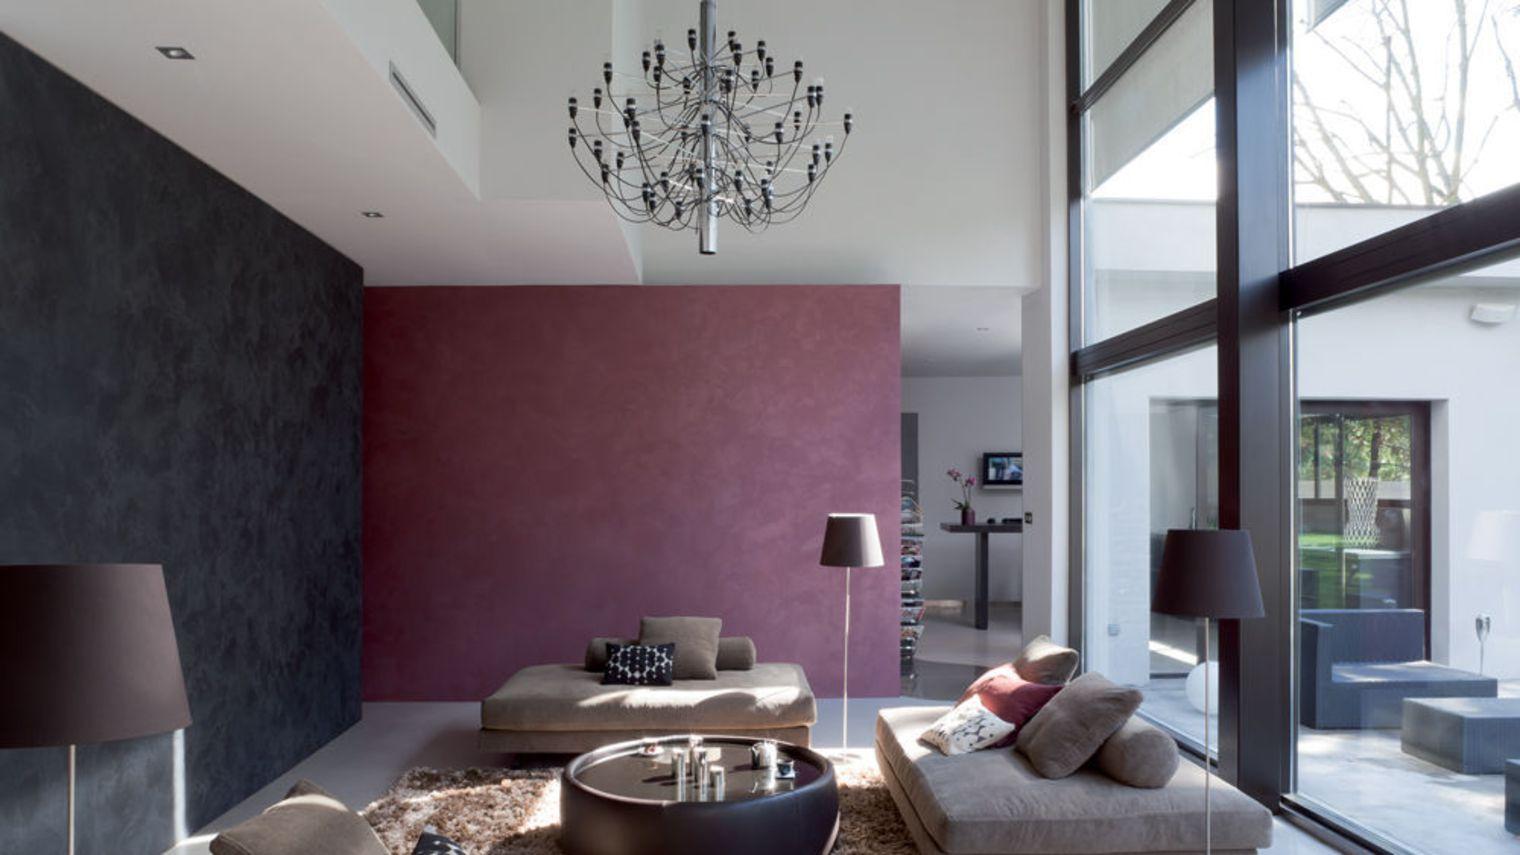 Decoration Maison Marocaine Moderne Peinture Design En Image